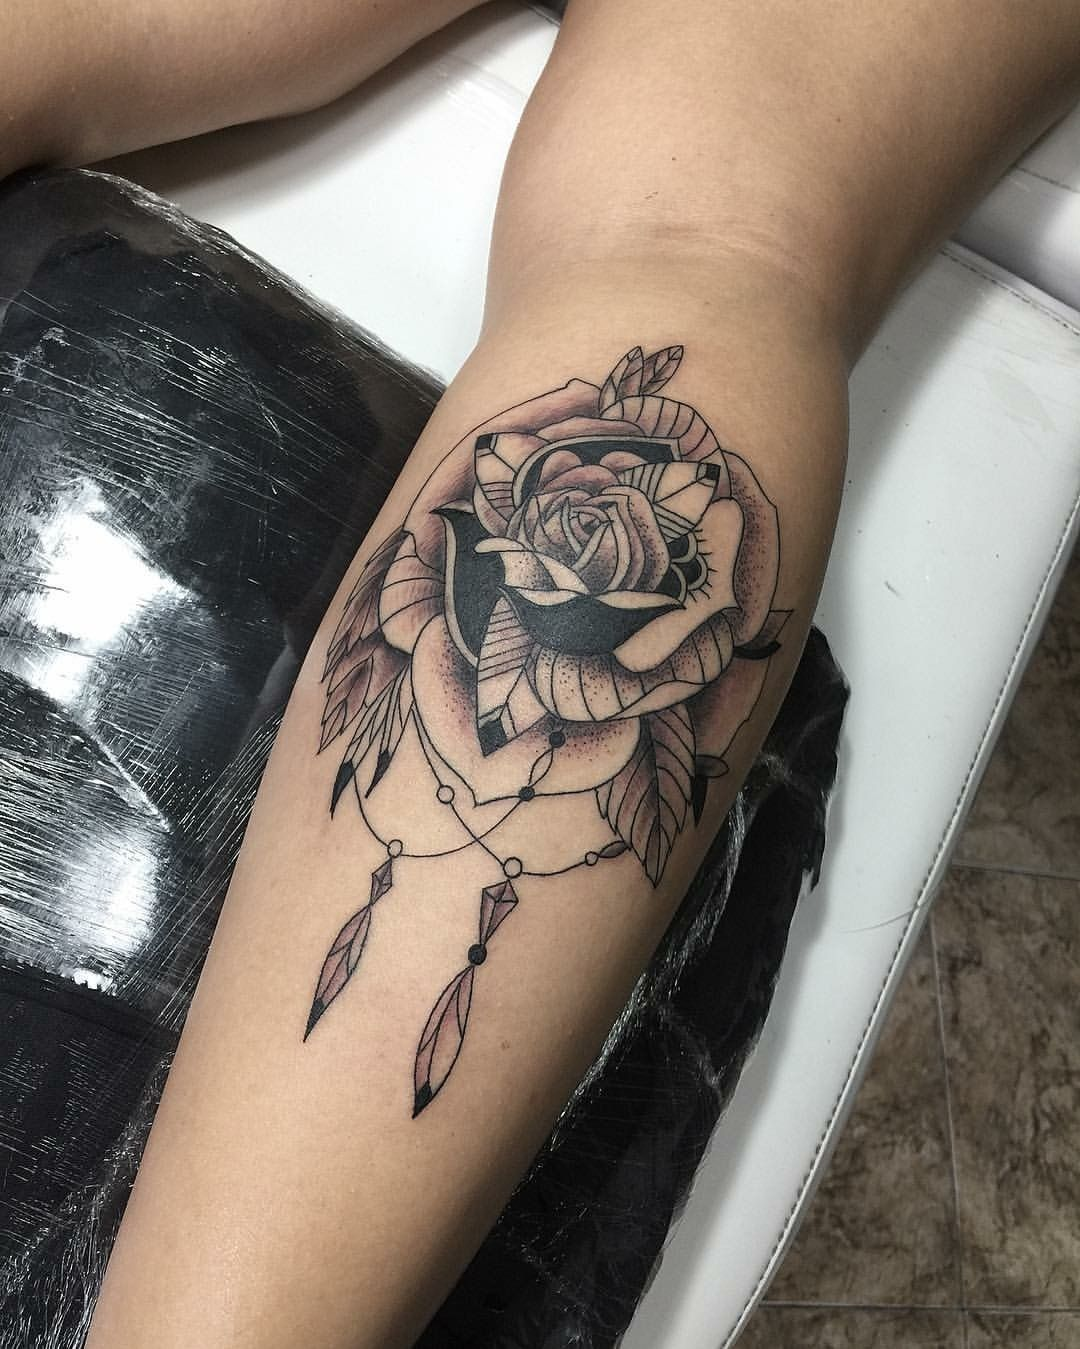 Flor Tatuagem Tattoo Flower Panturrilha Tatuagem